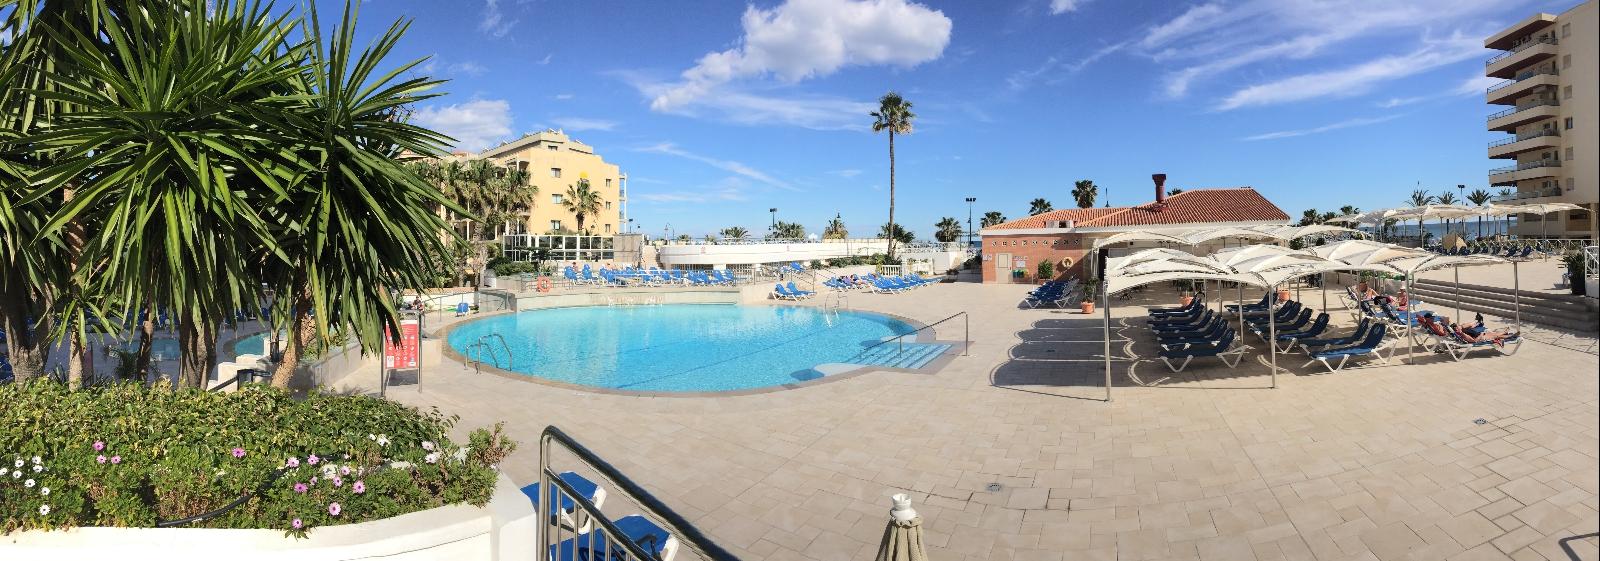 Hotel-Sol-Don-pablo-Torremolinos-Costa-del-Sol